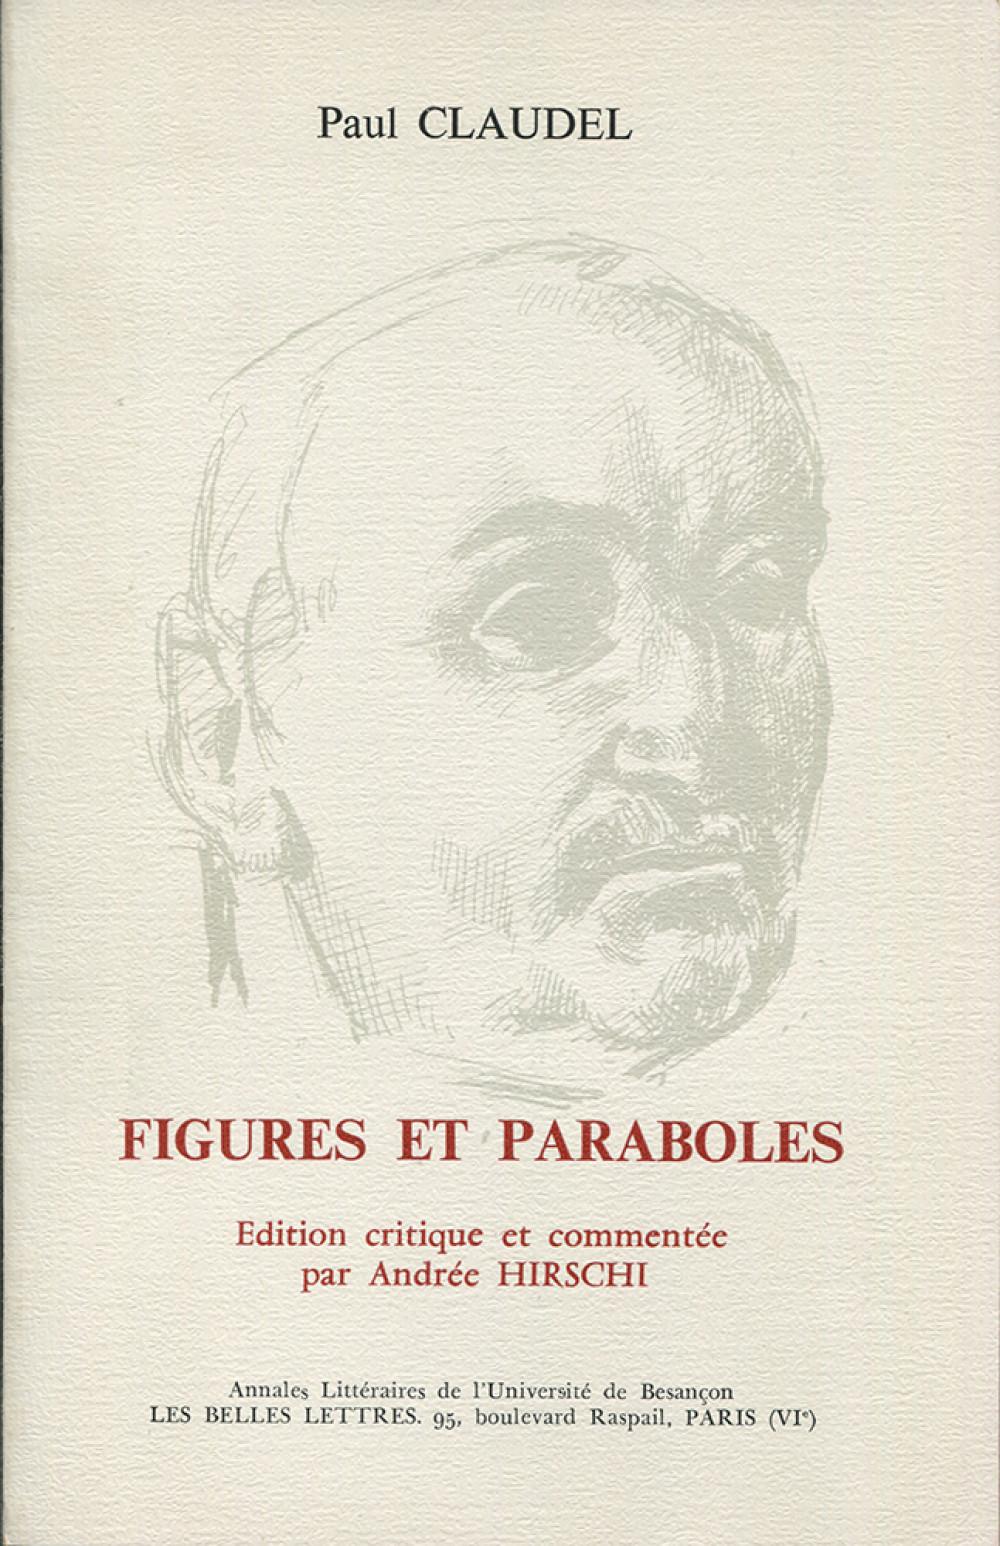 Figures et paraboles de Paul Claudel